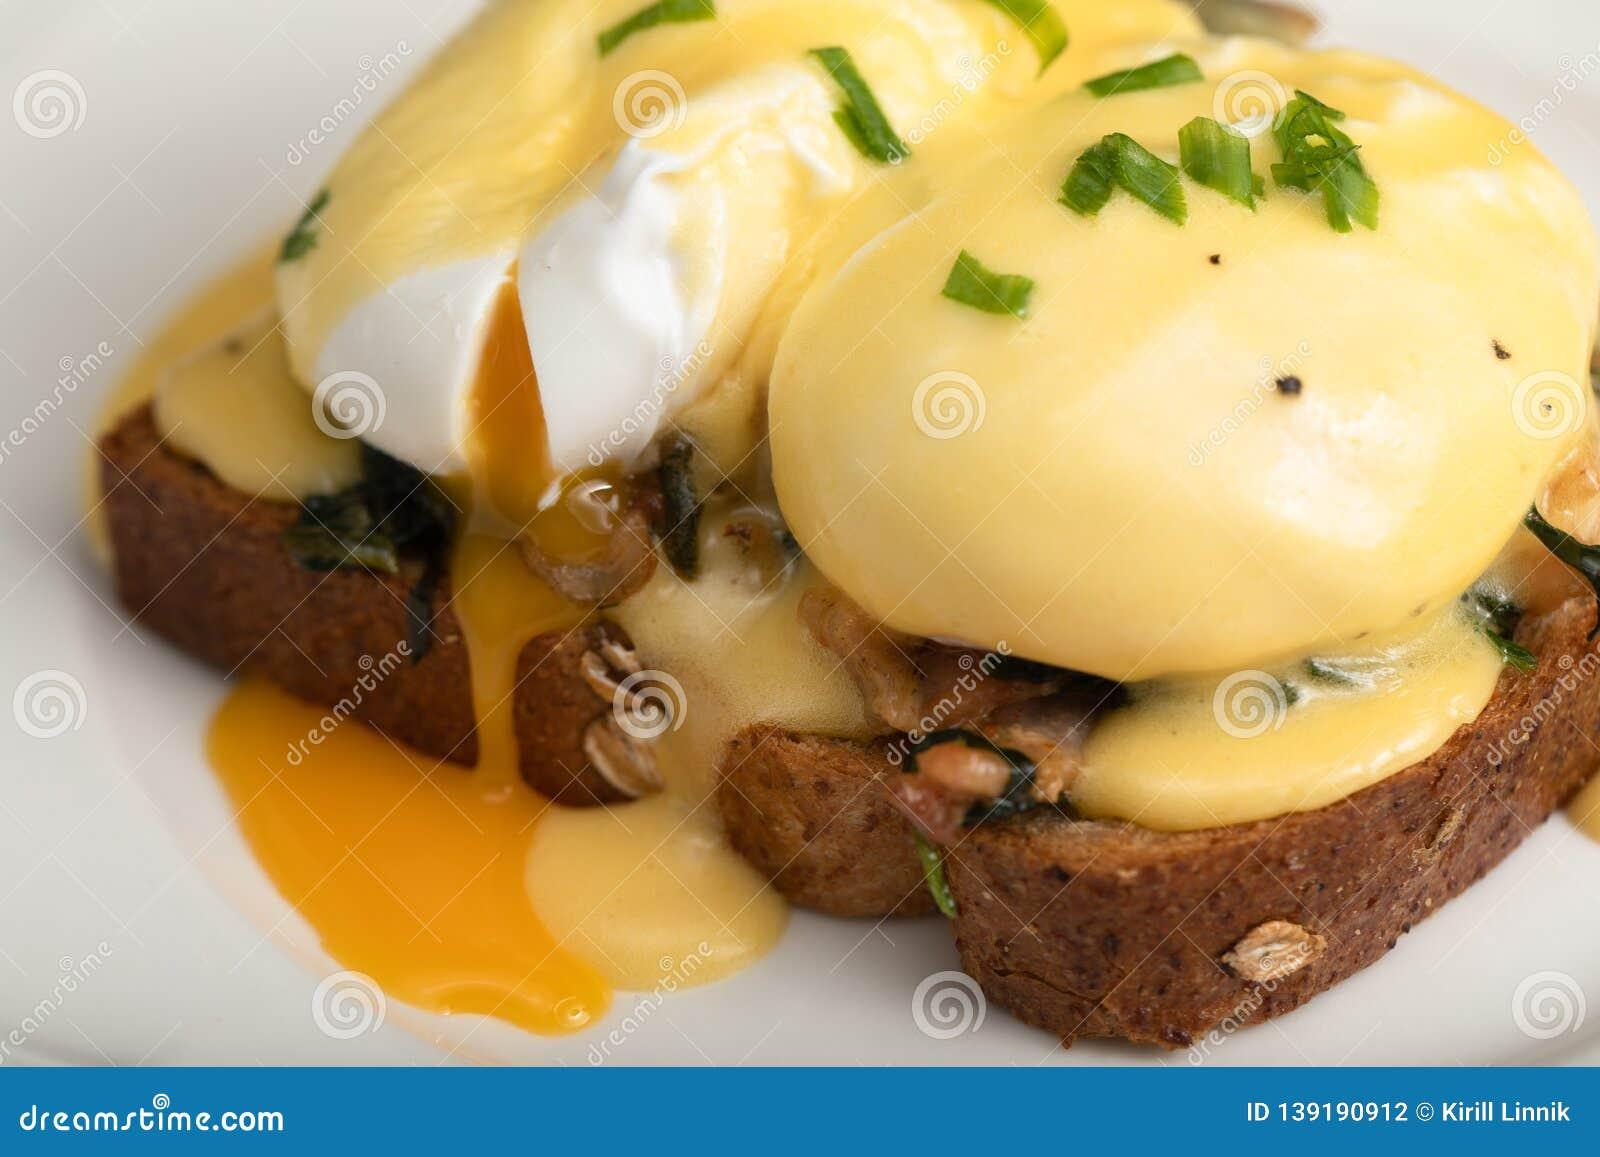 Eggs Benedict for brunch